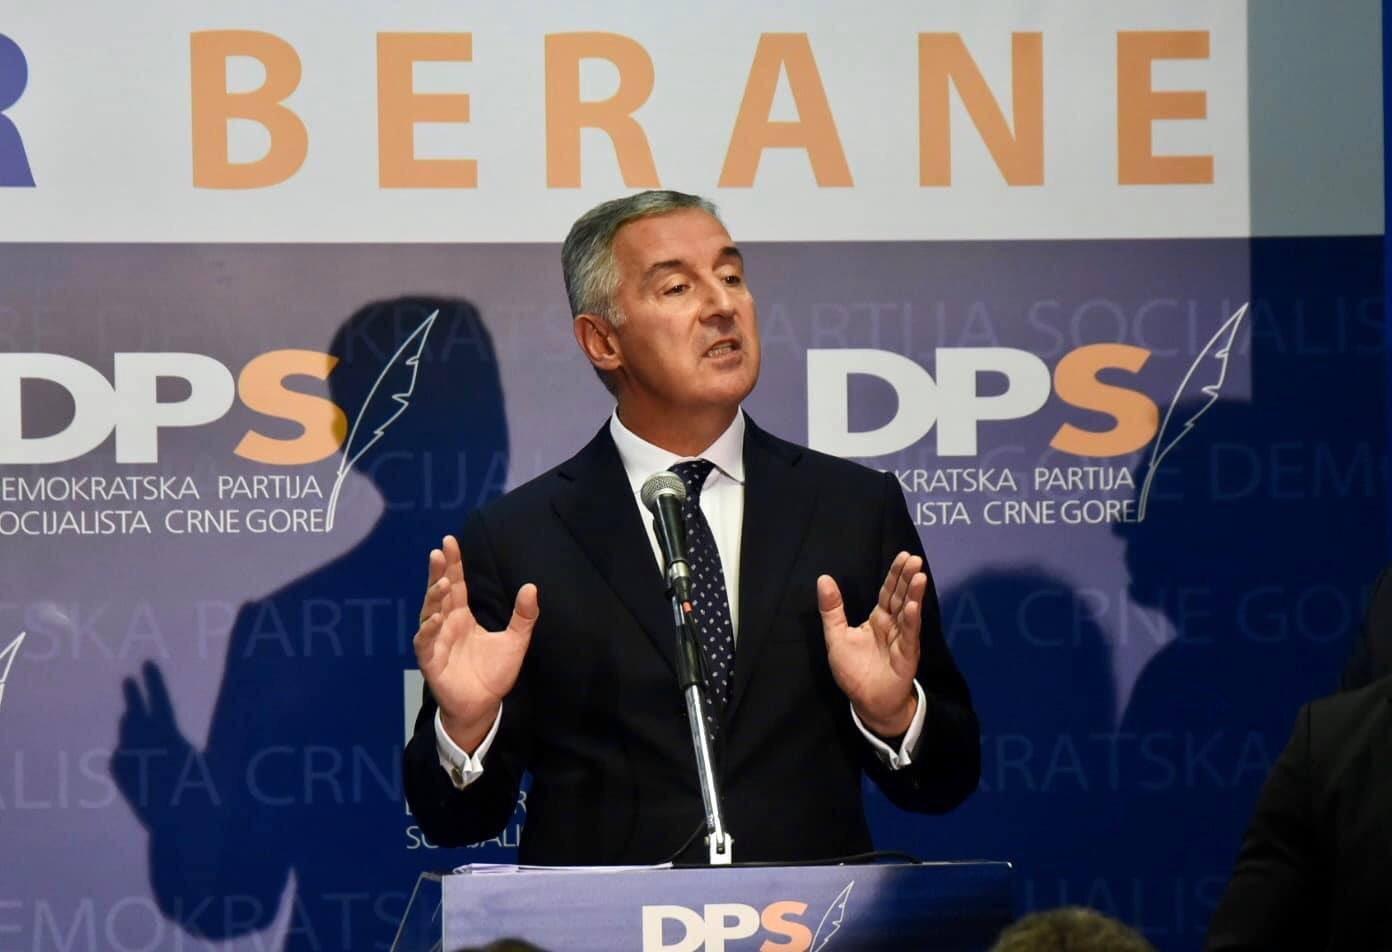 Đukanović: Plašim se da nacionalistički krugovi zloupotrebljavaju SPC